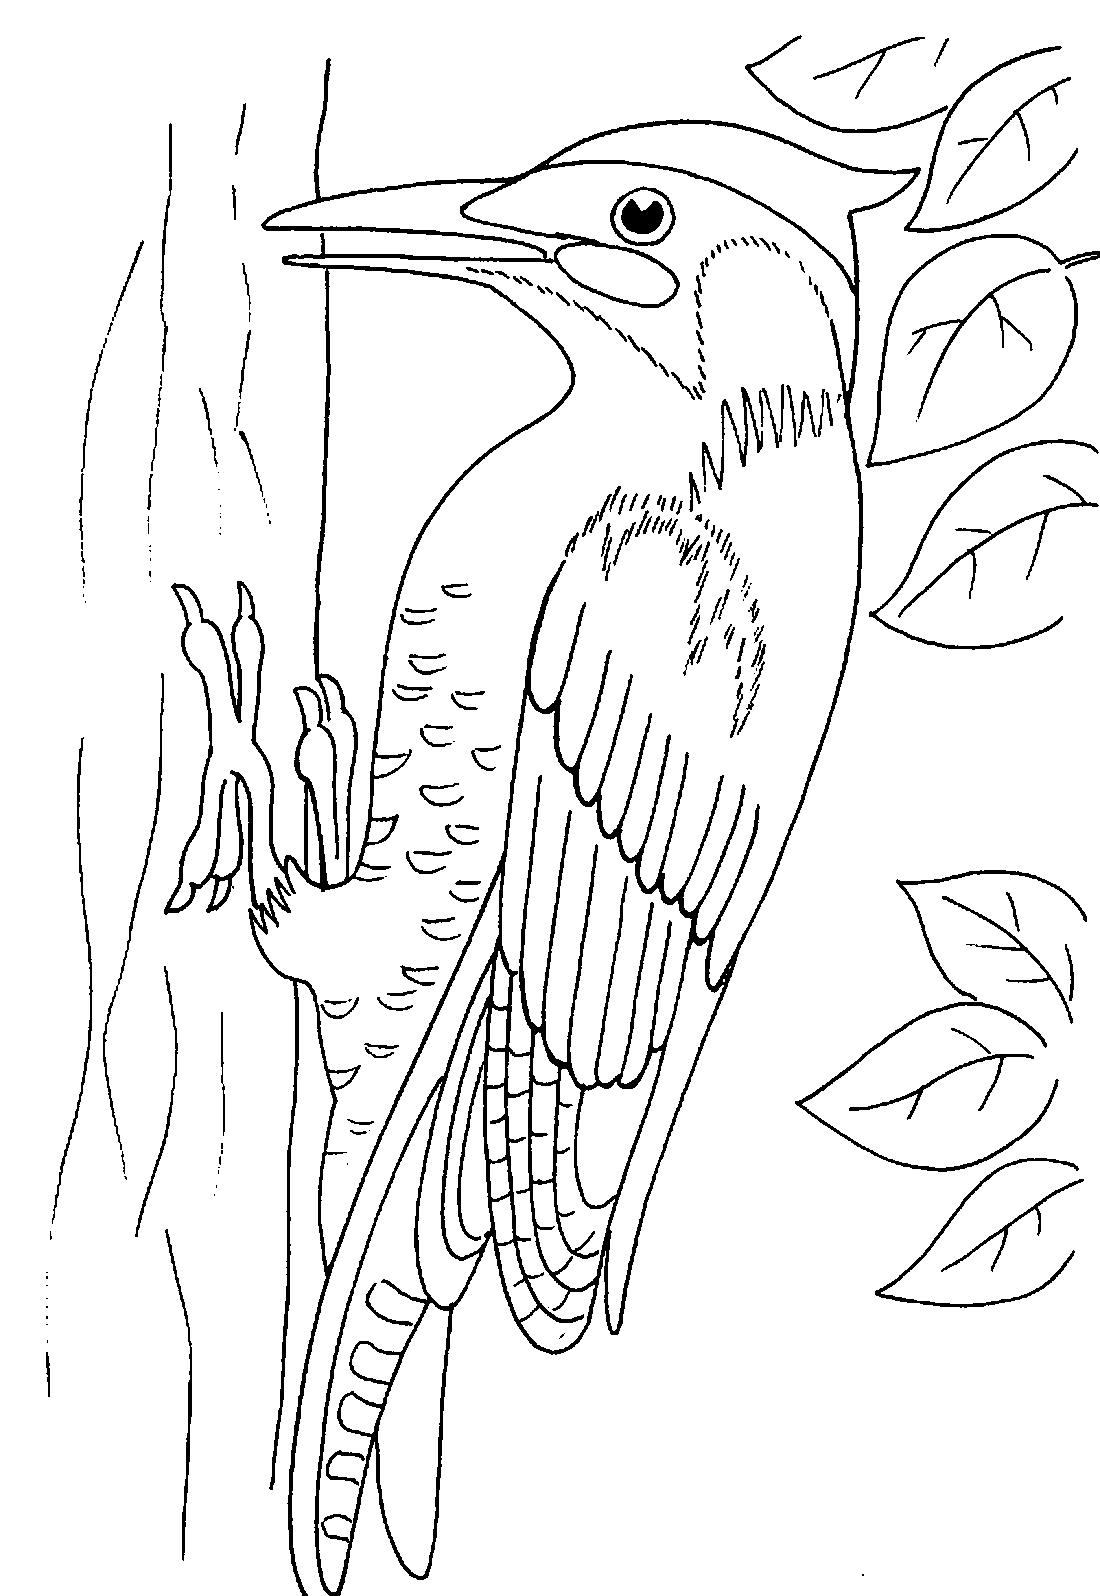 Дятел на дереве - раскраска №2037 | Printonic.ru